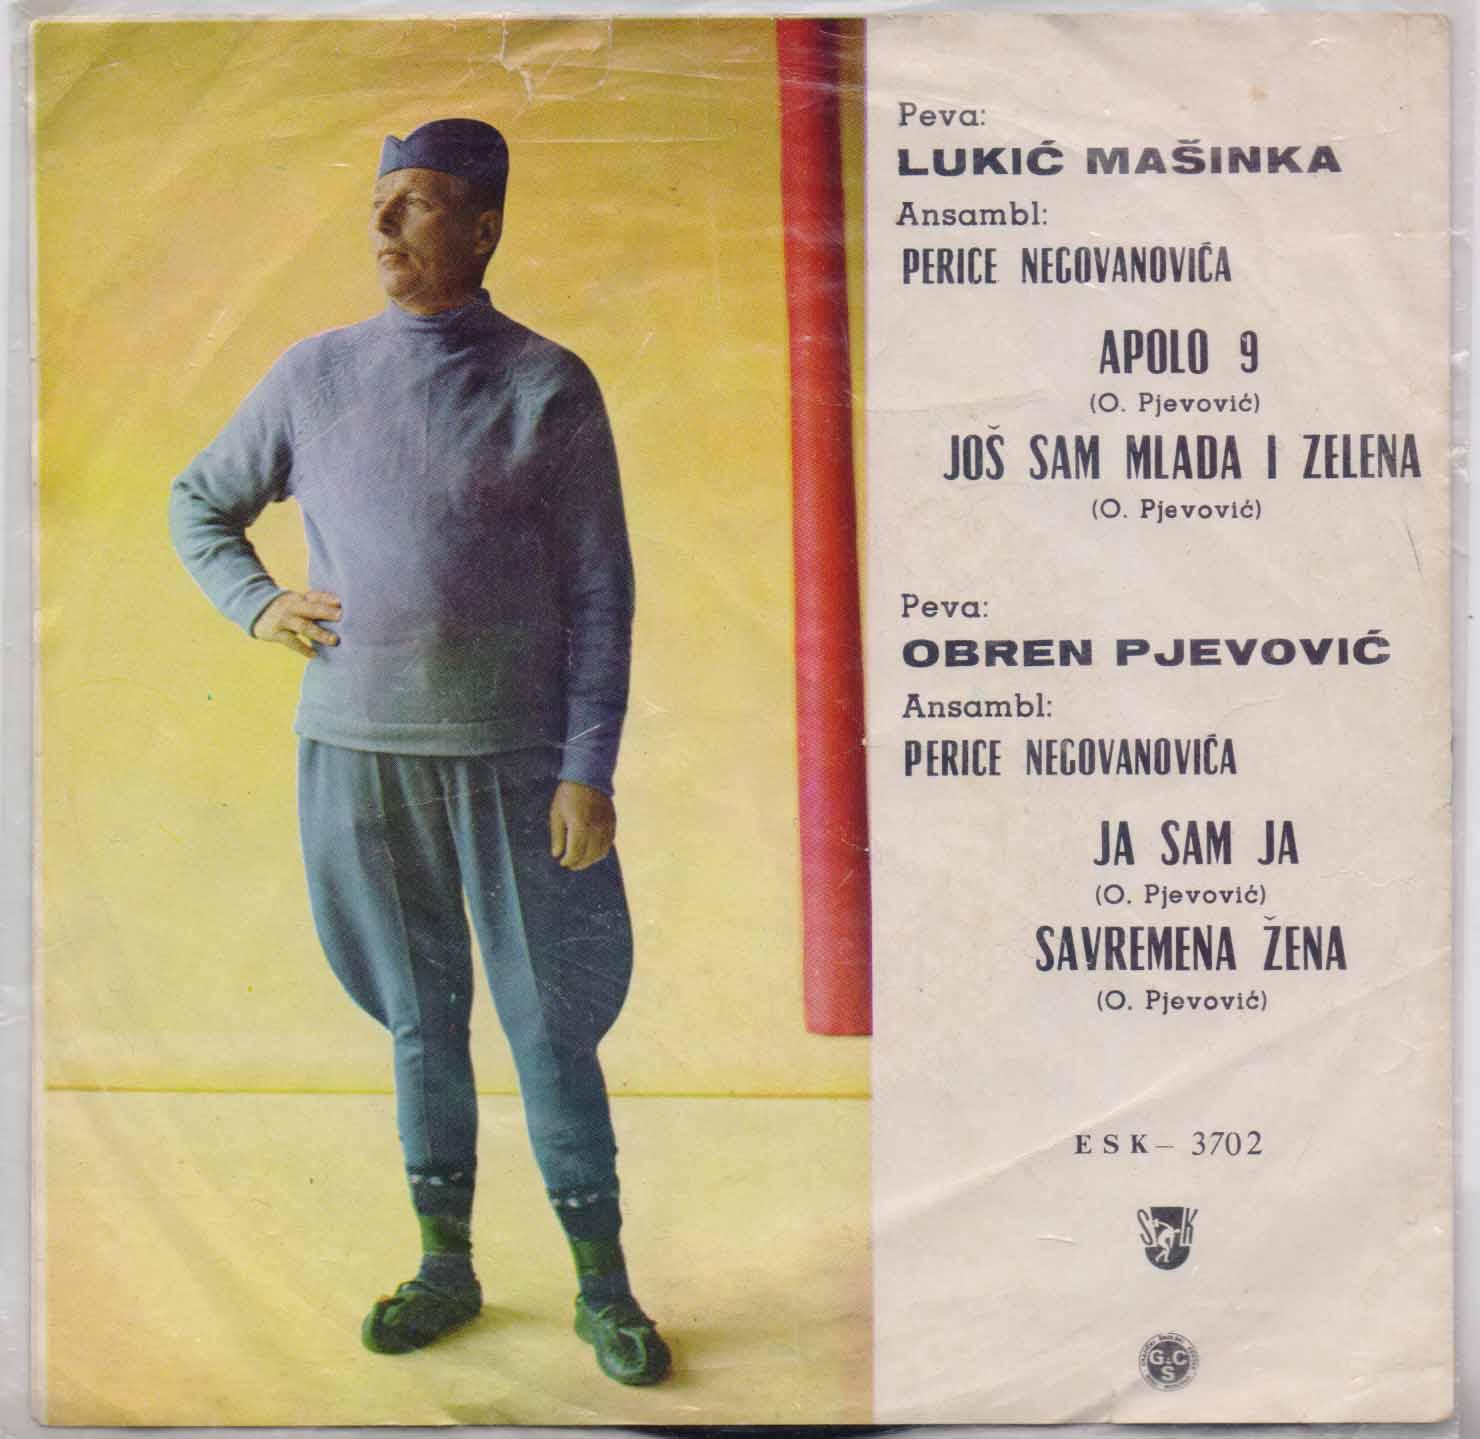 ZVUCI JUGOSLAVIJE - SOUNDS OF YUGOSLAVIA: LUKIĆ MAŠINKA 1969 Apolo 9